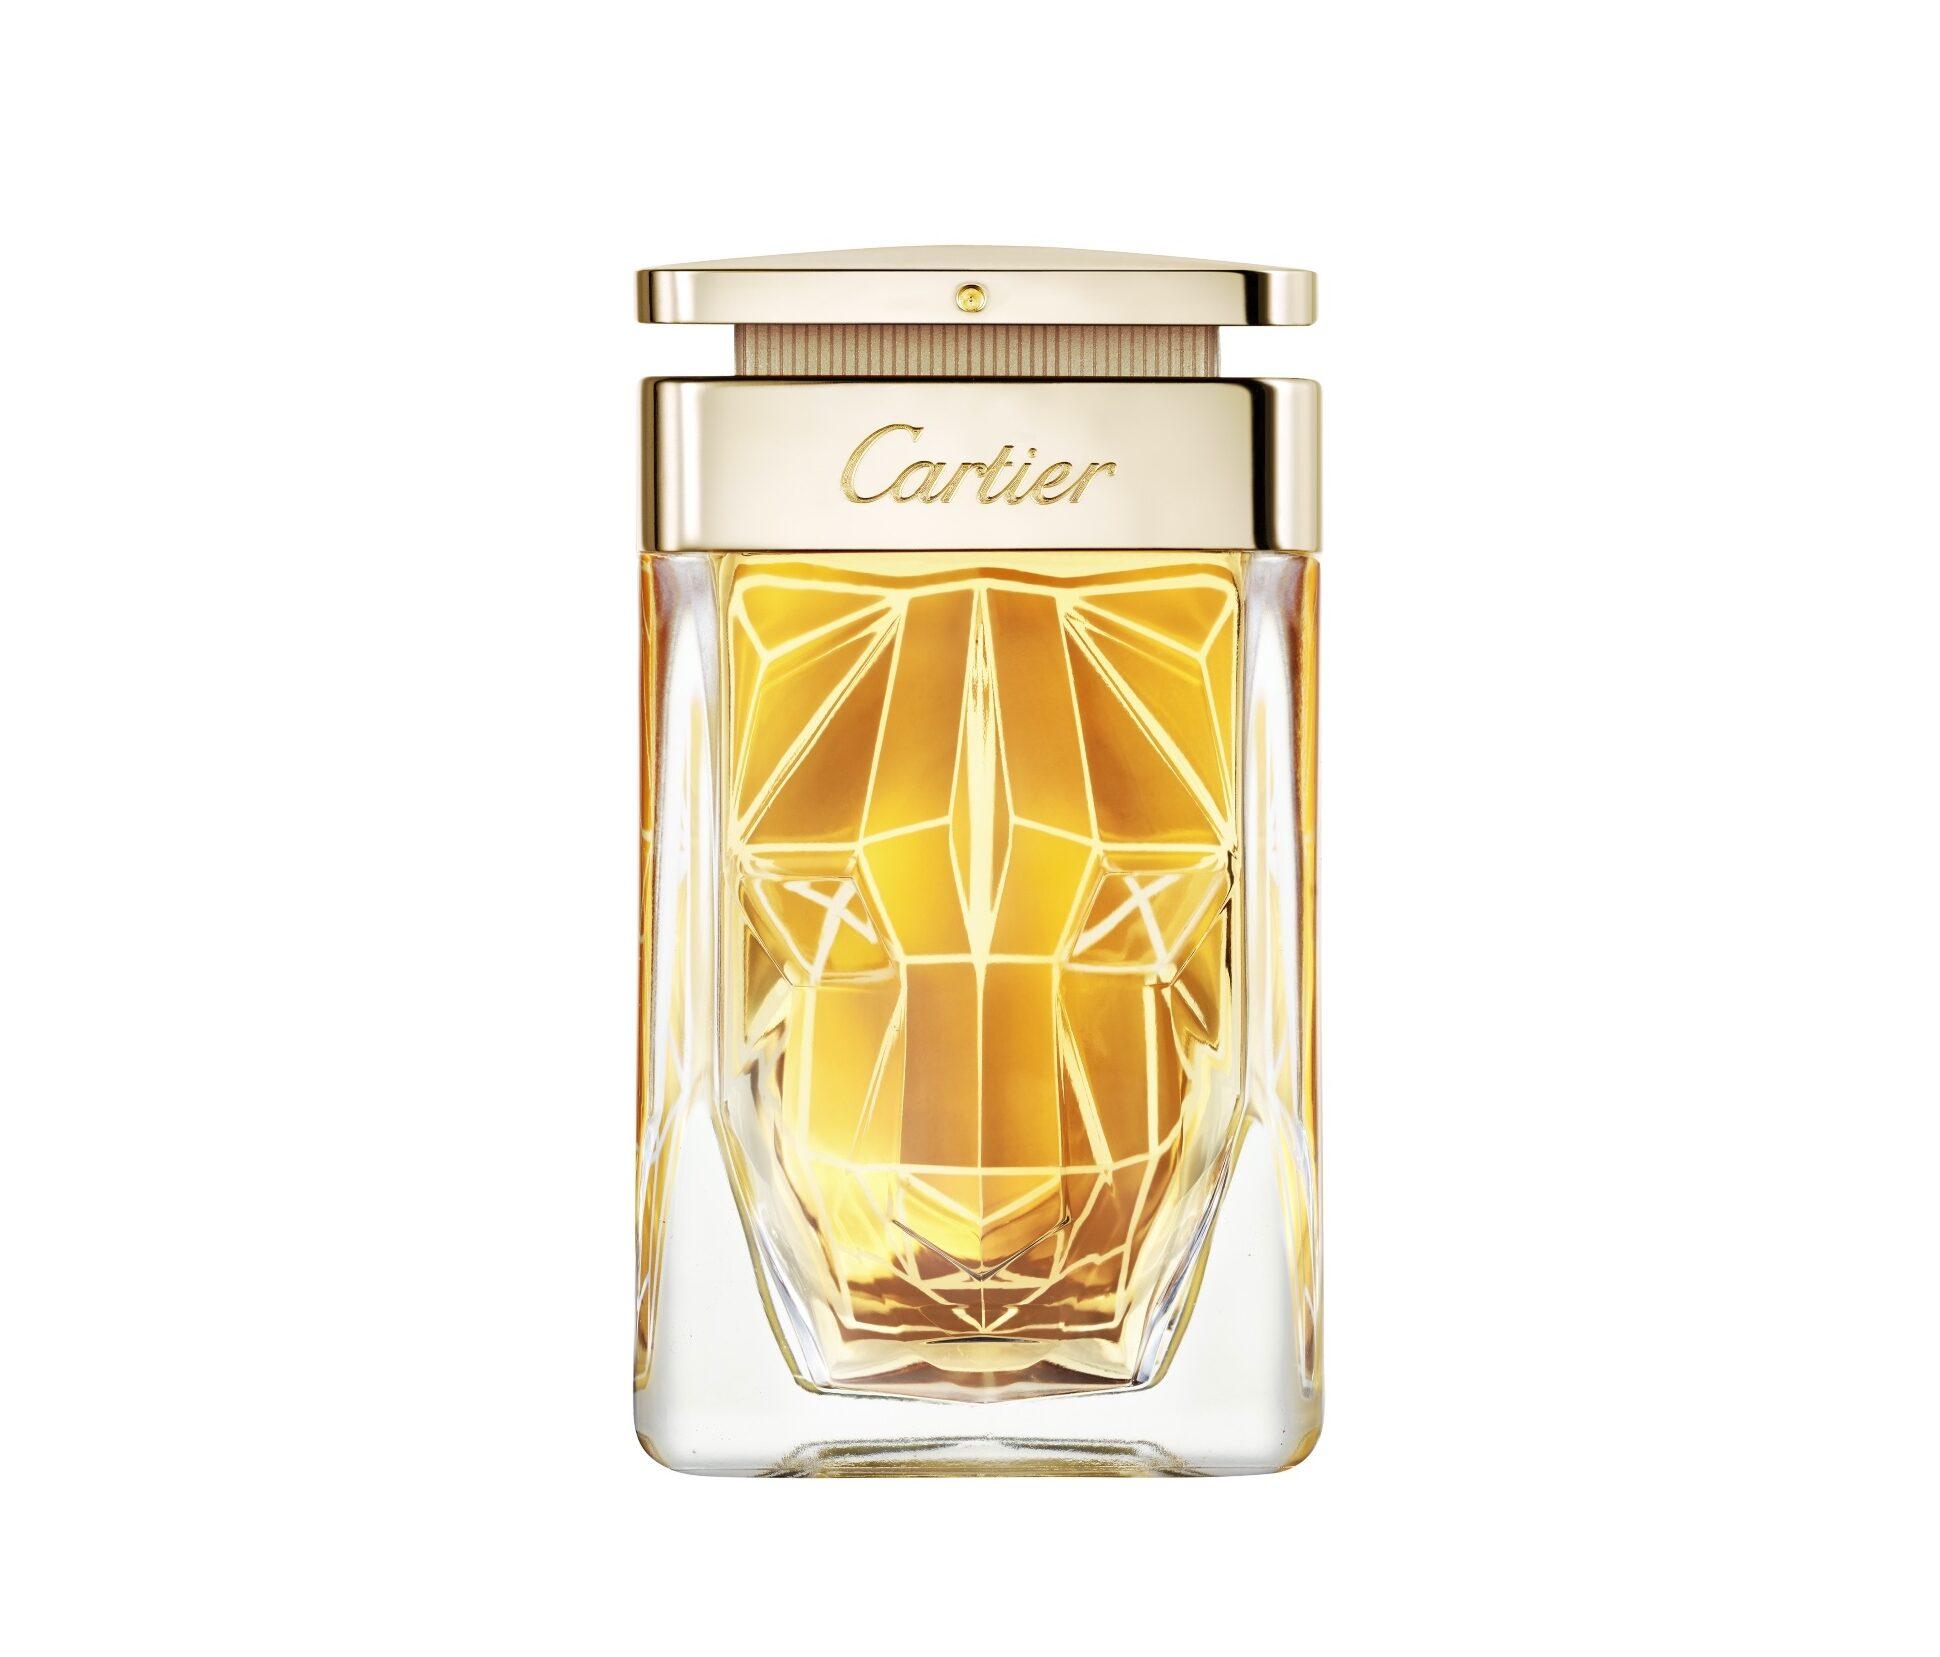 cartier fragrance